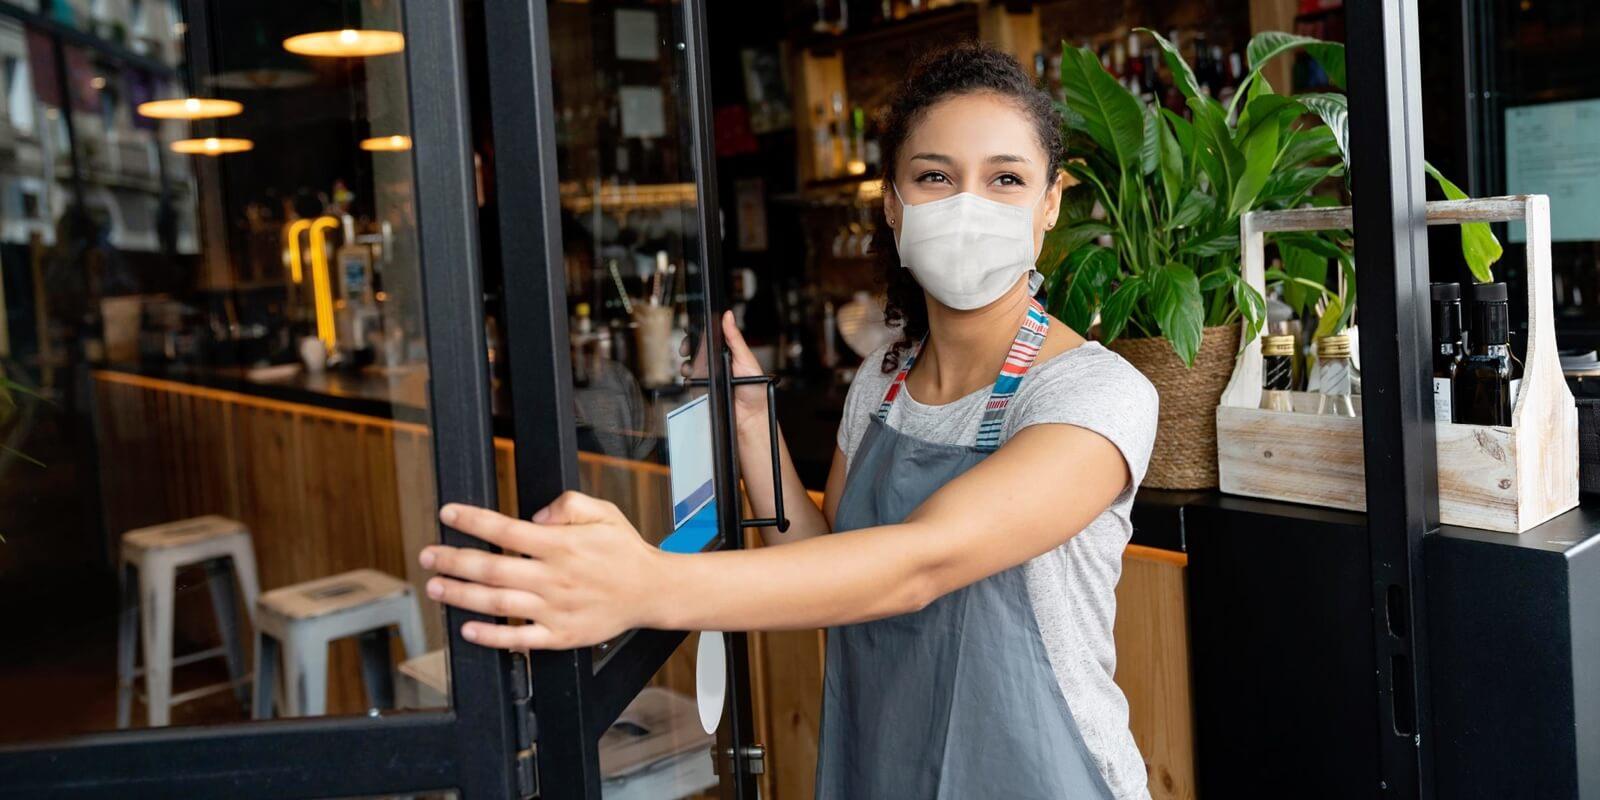 La importancia de la ventilación natural frente al Covid